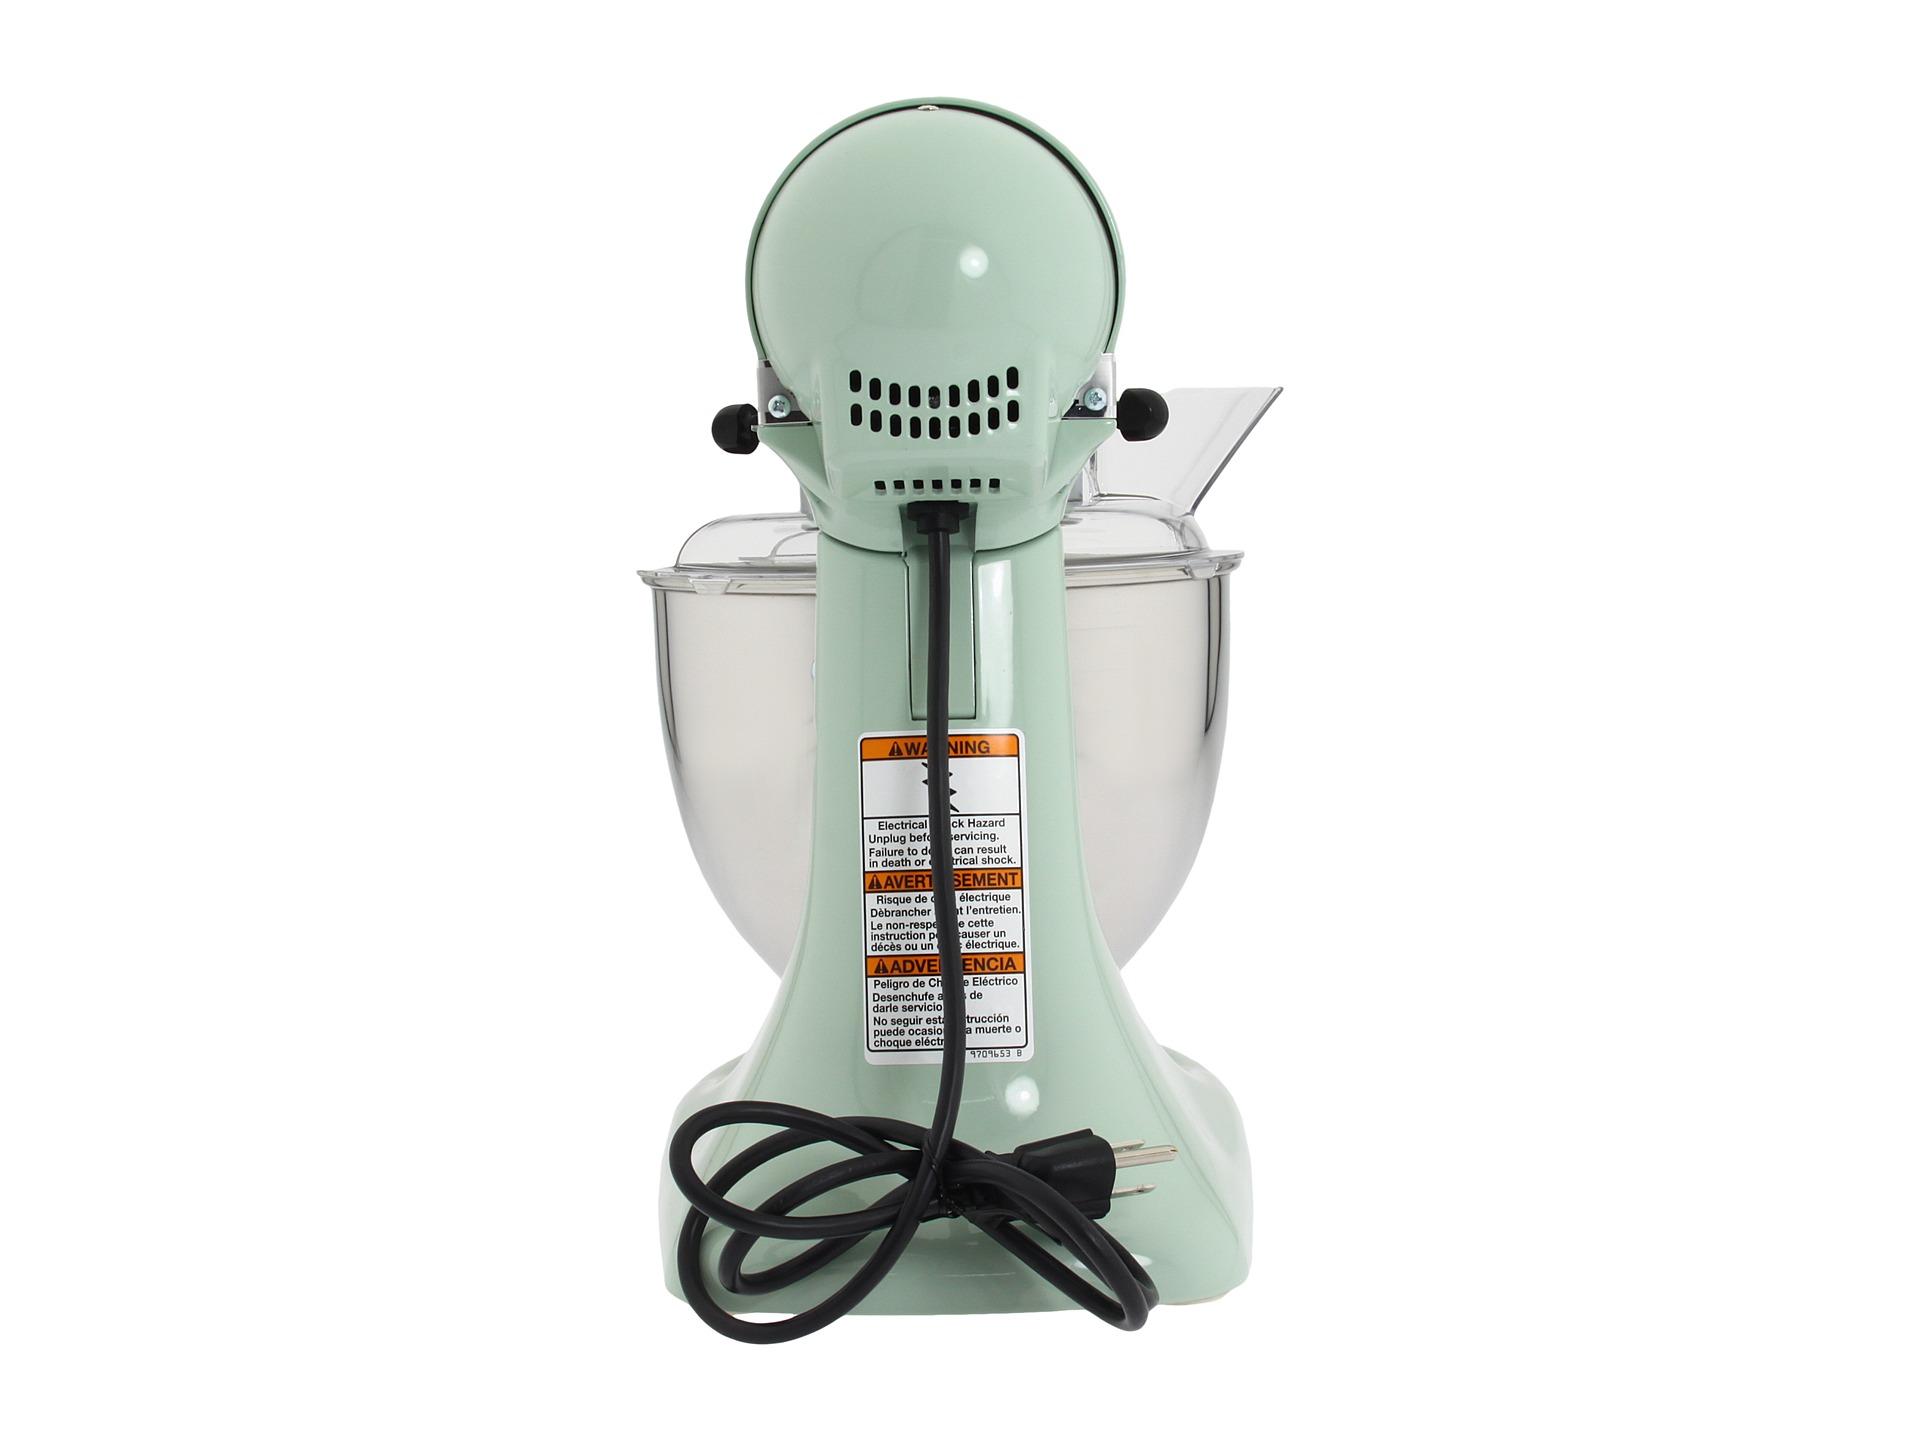 Kitchenaid Ksm150p 5 Quart Artisan Stand Mixer Pistachio